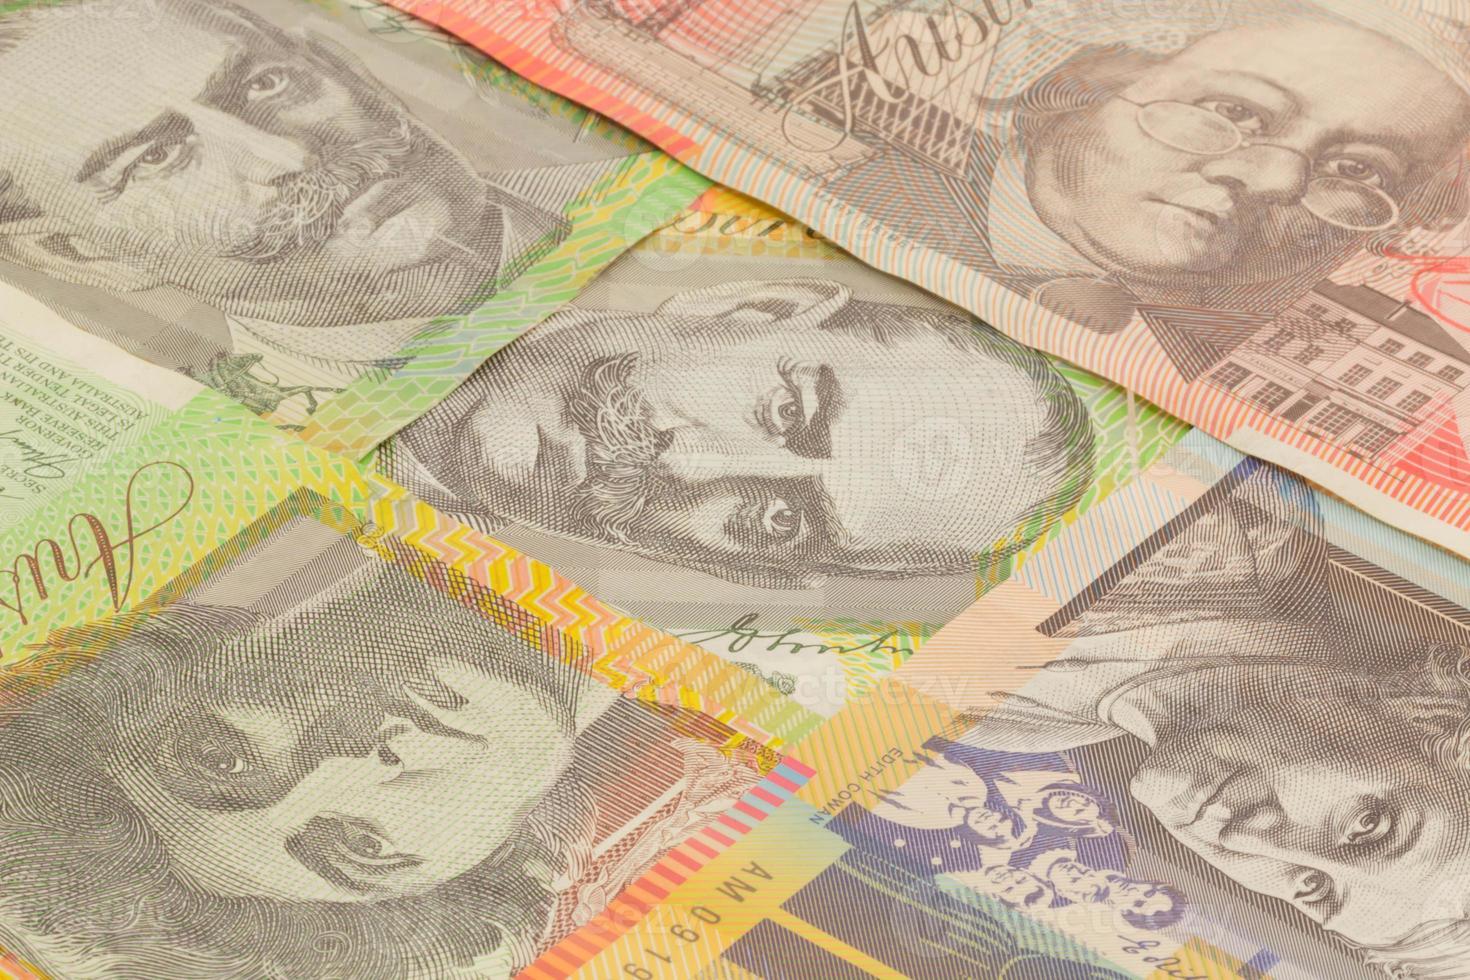 monnaie australienne photo